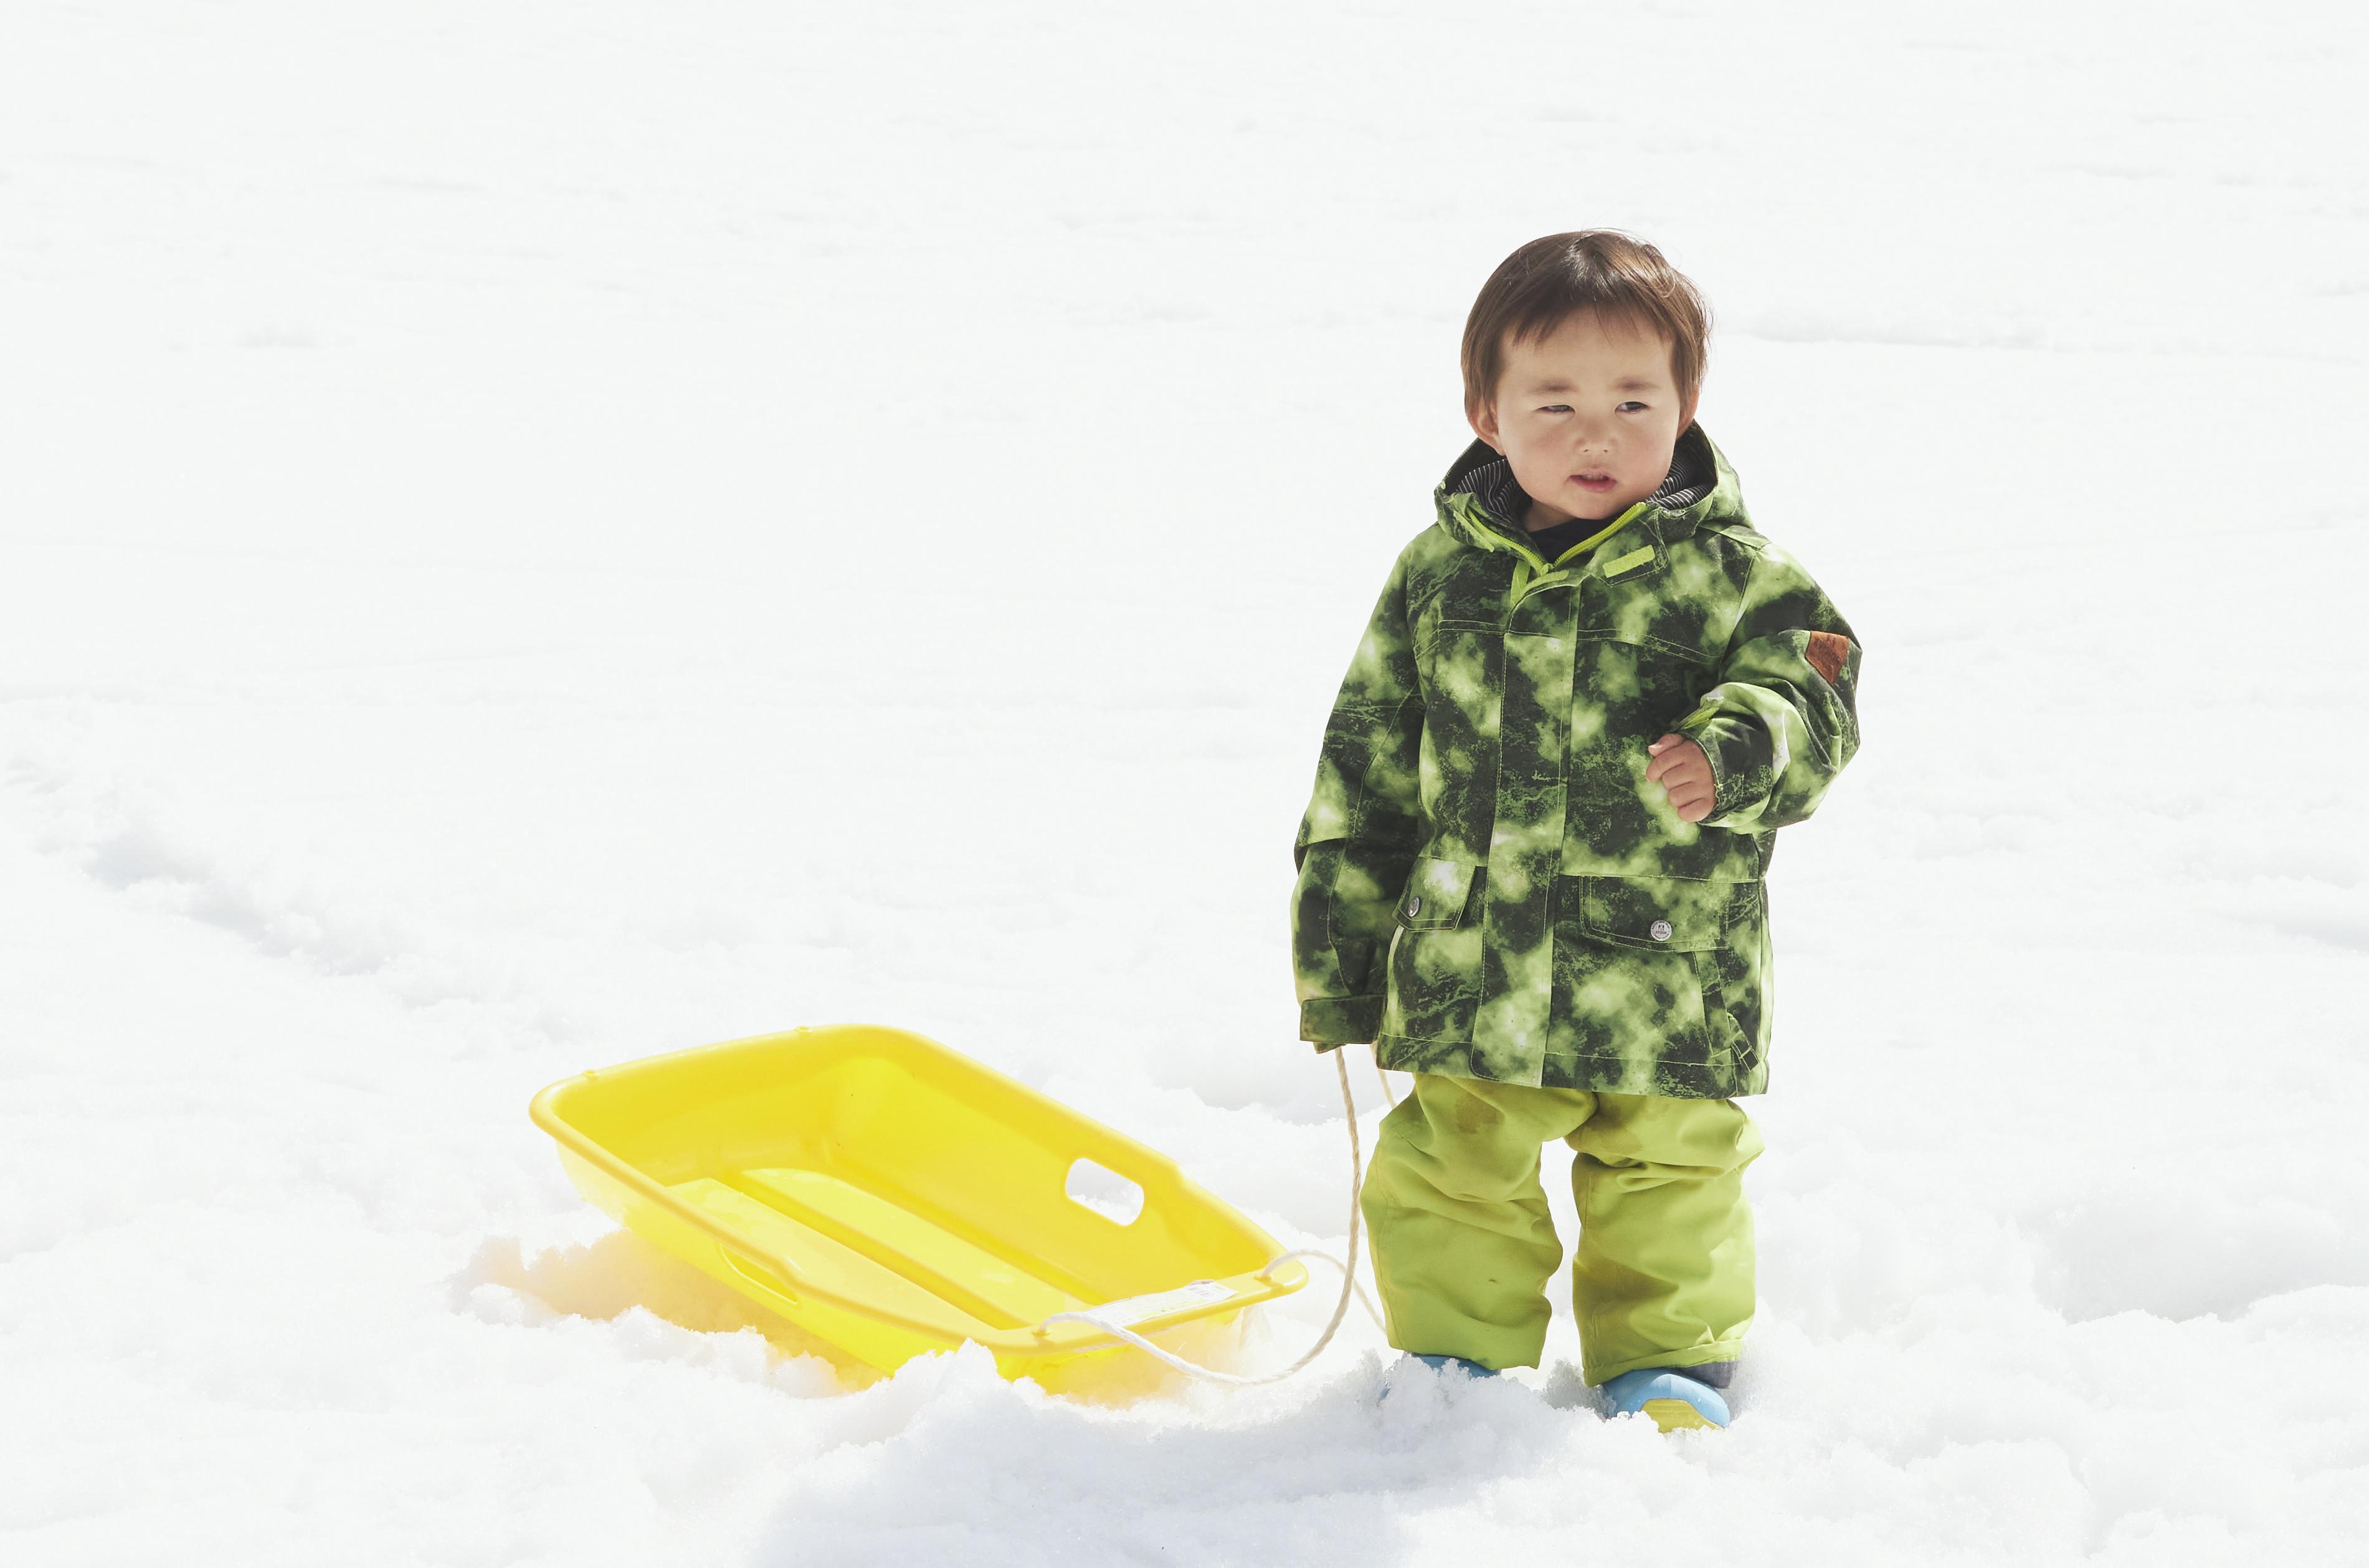 はじめは雪にびっくりしていても、すぐに慣れて夢中に